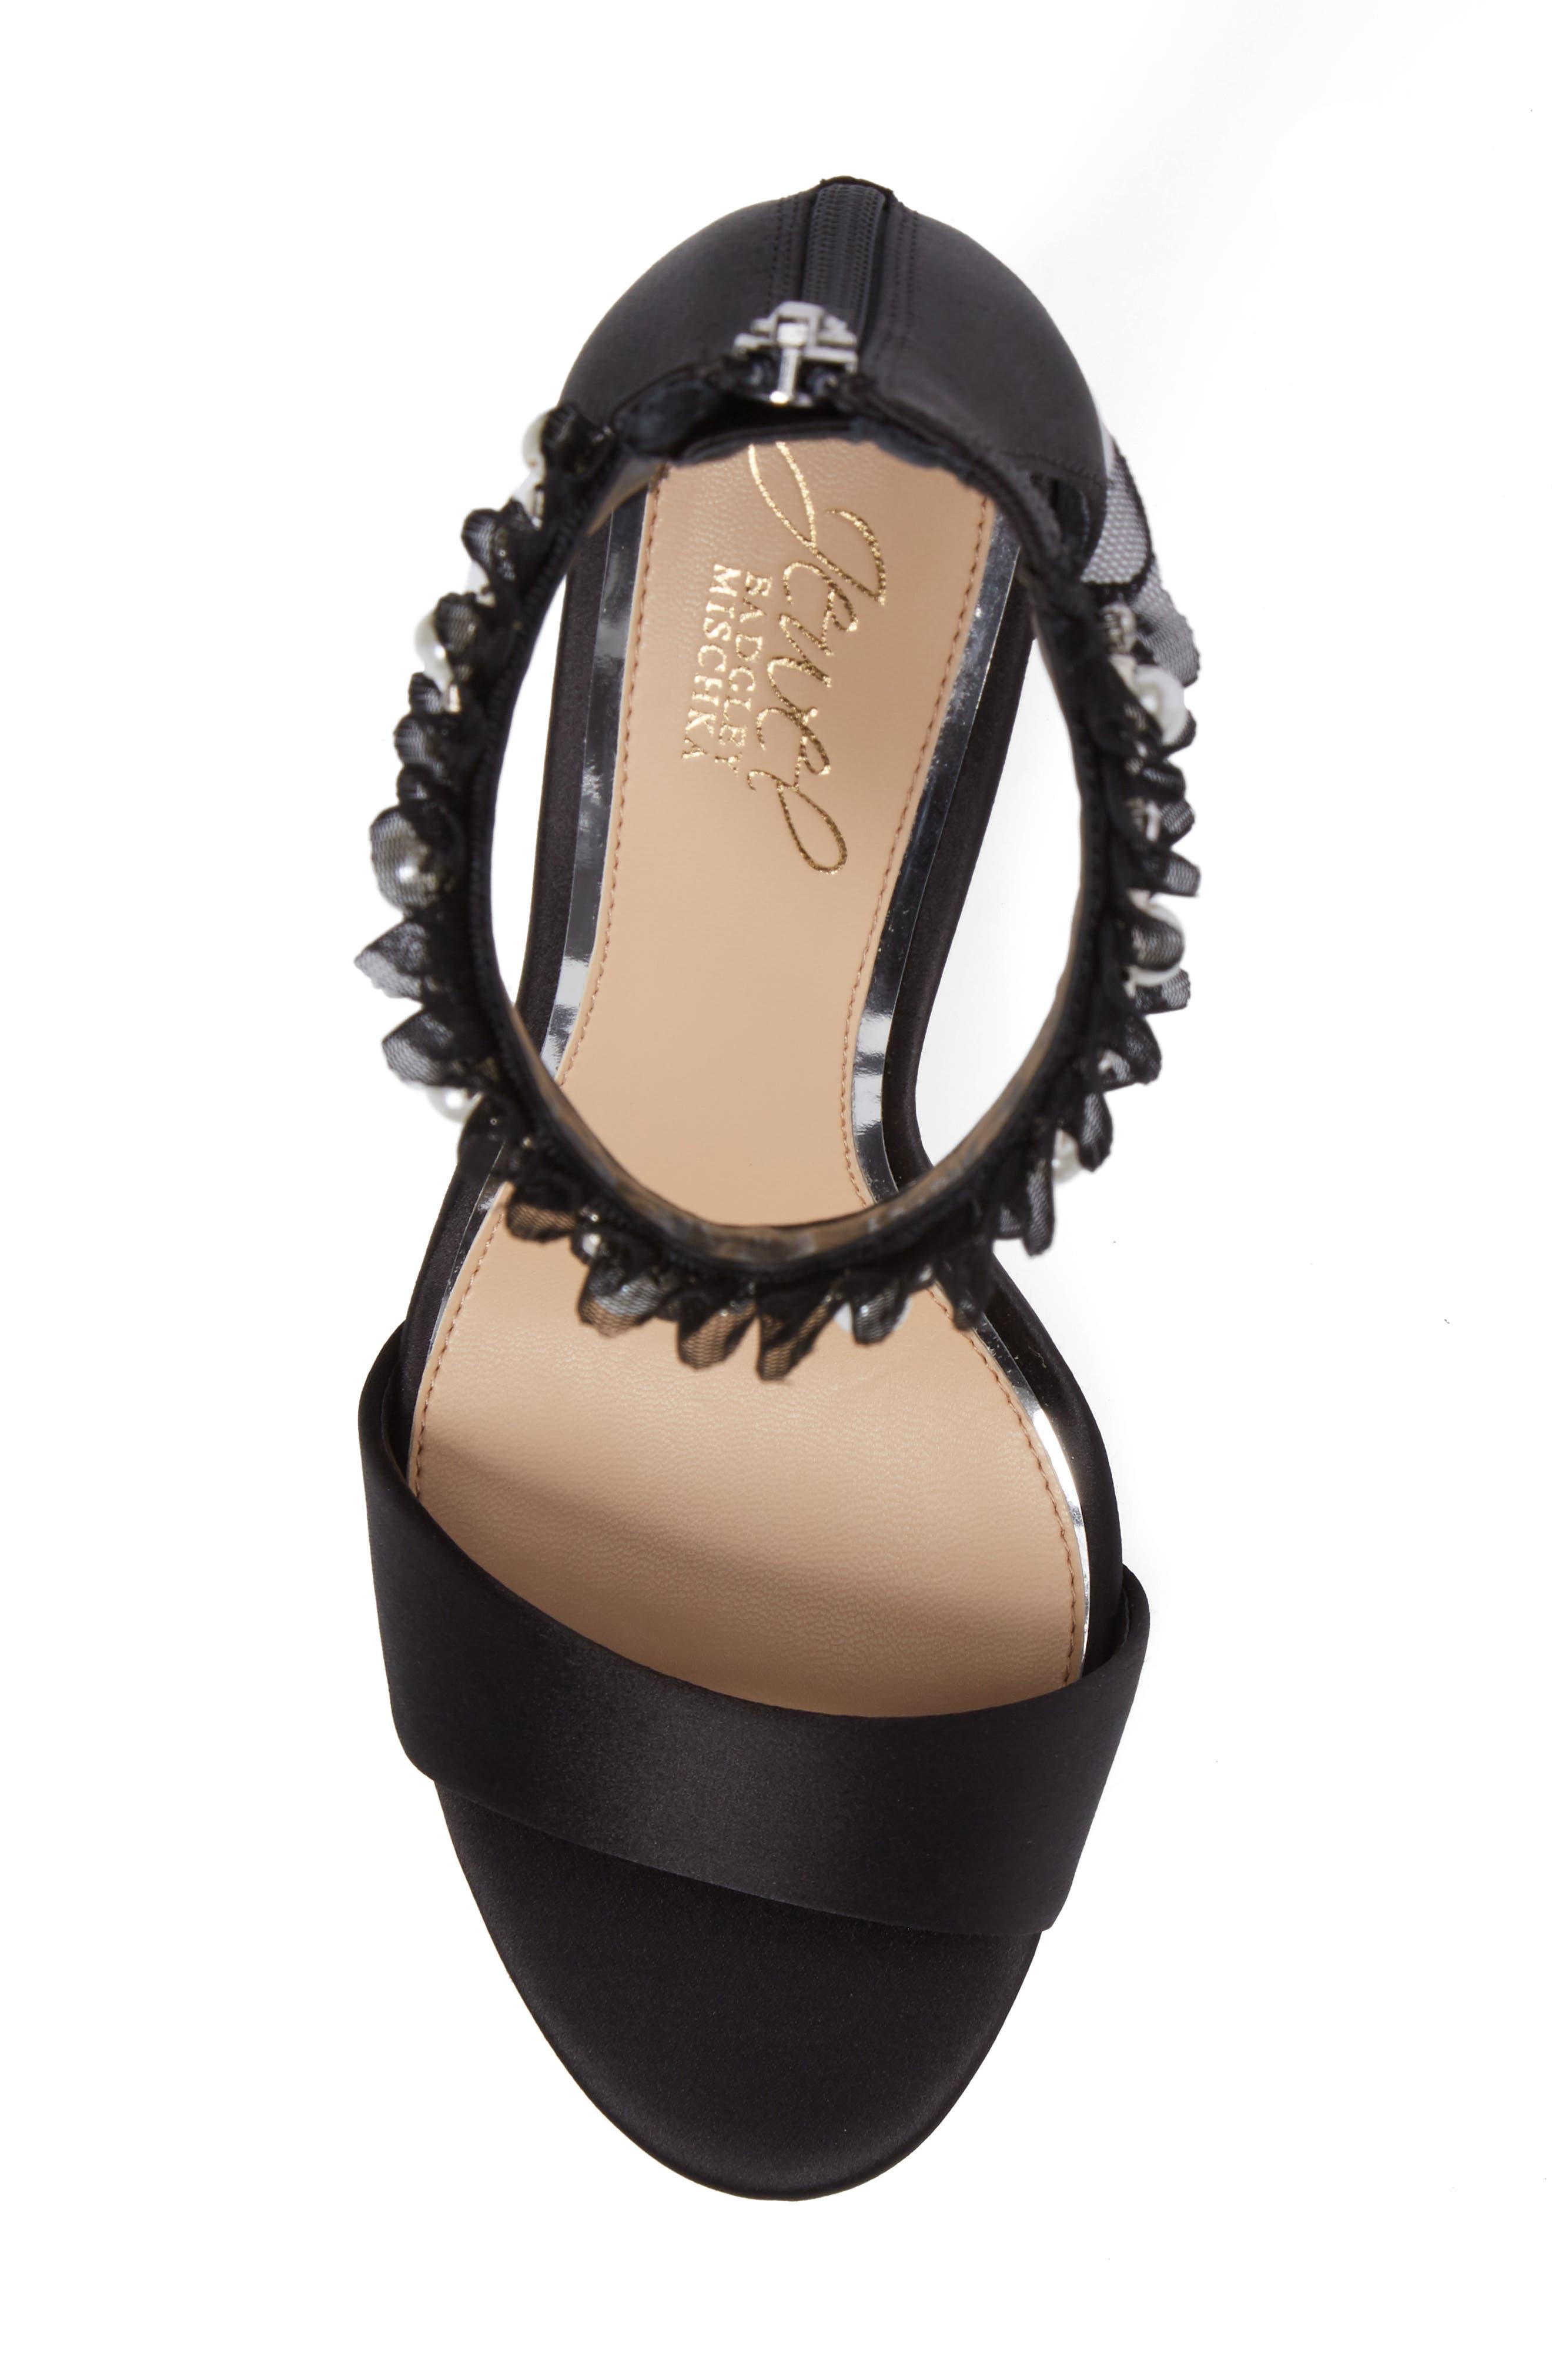 Abagail Embellished Ankle Strap Sandal,                             Alternate thumbnail 5, color,                             015